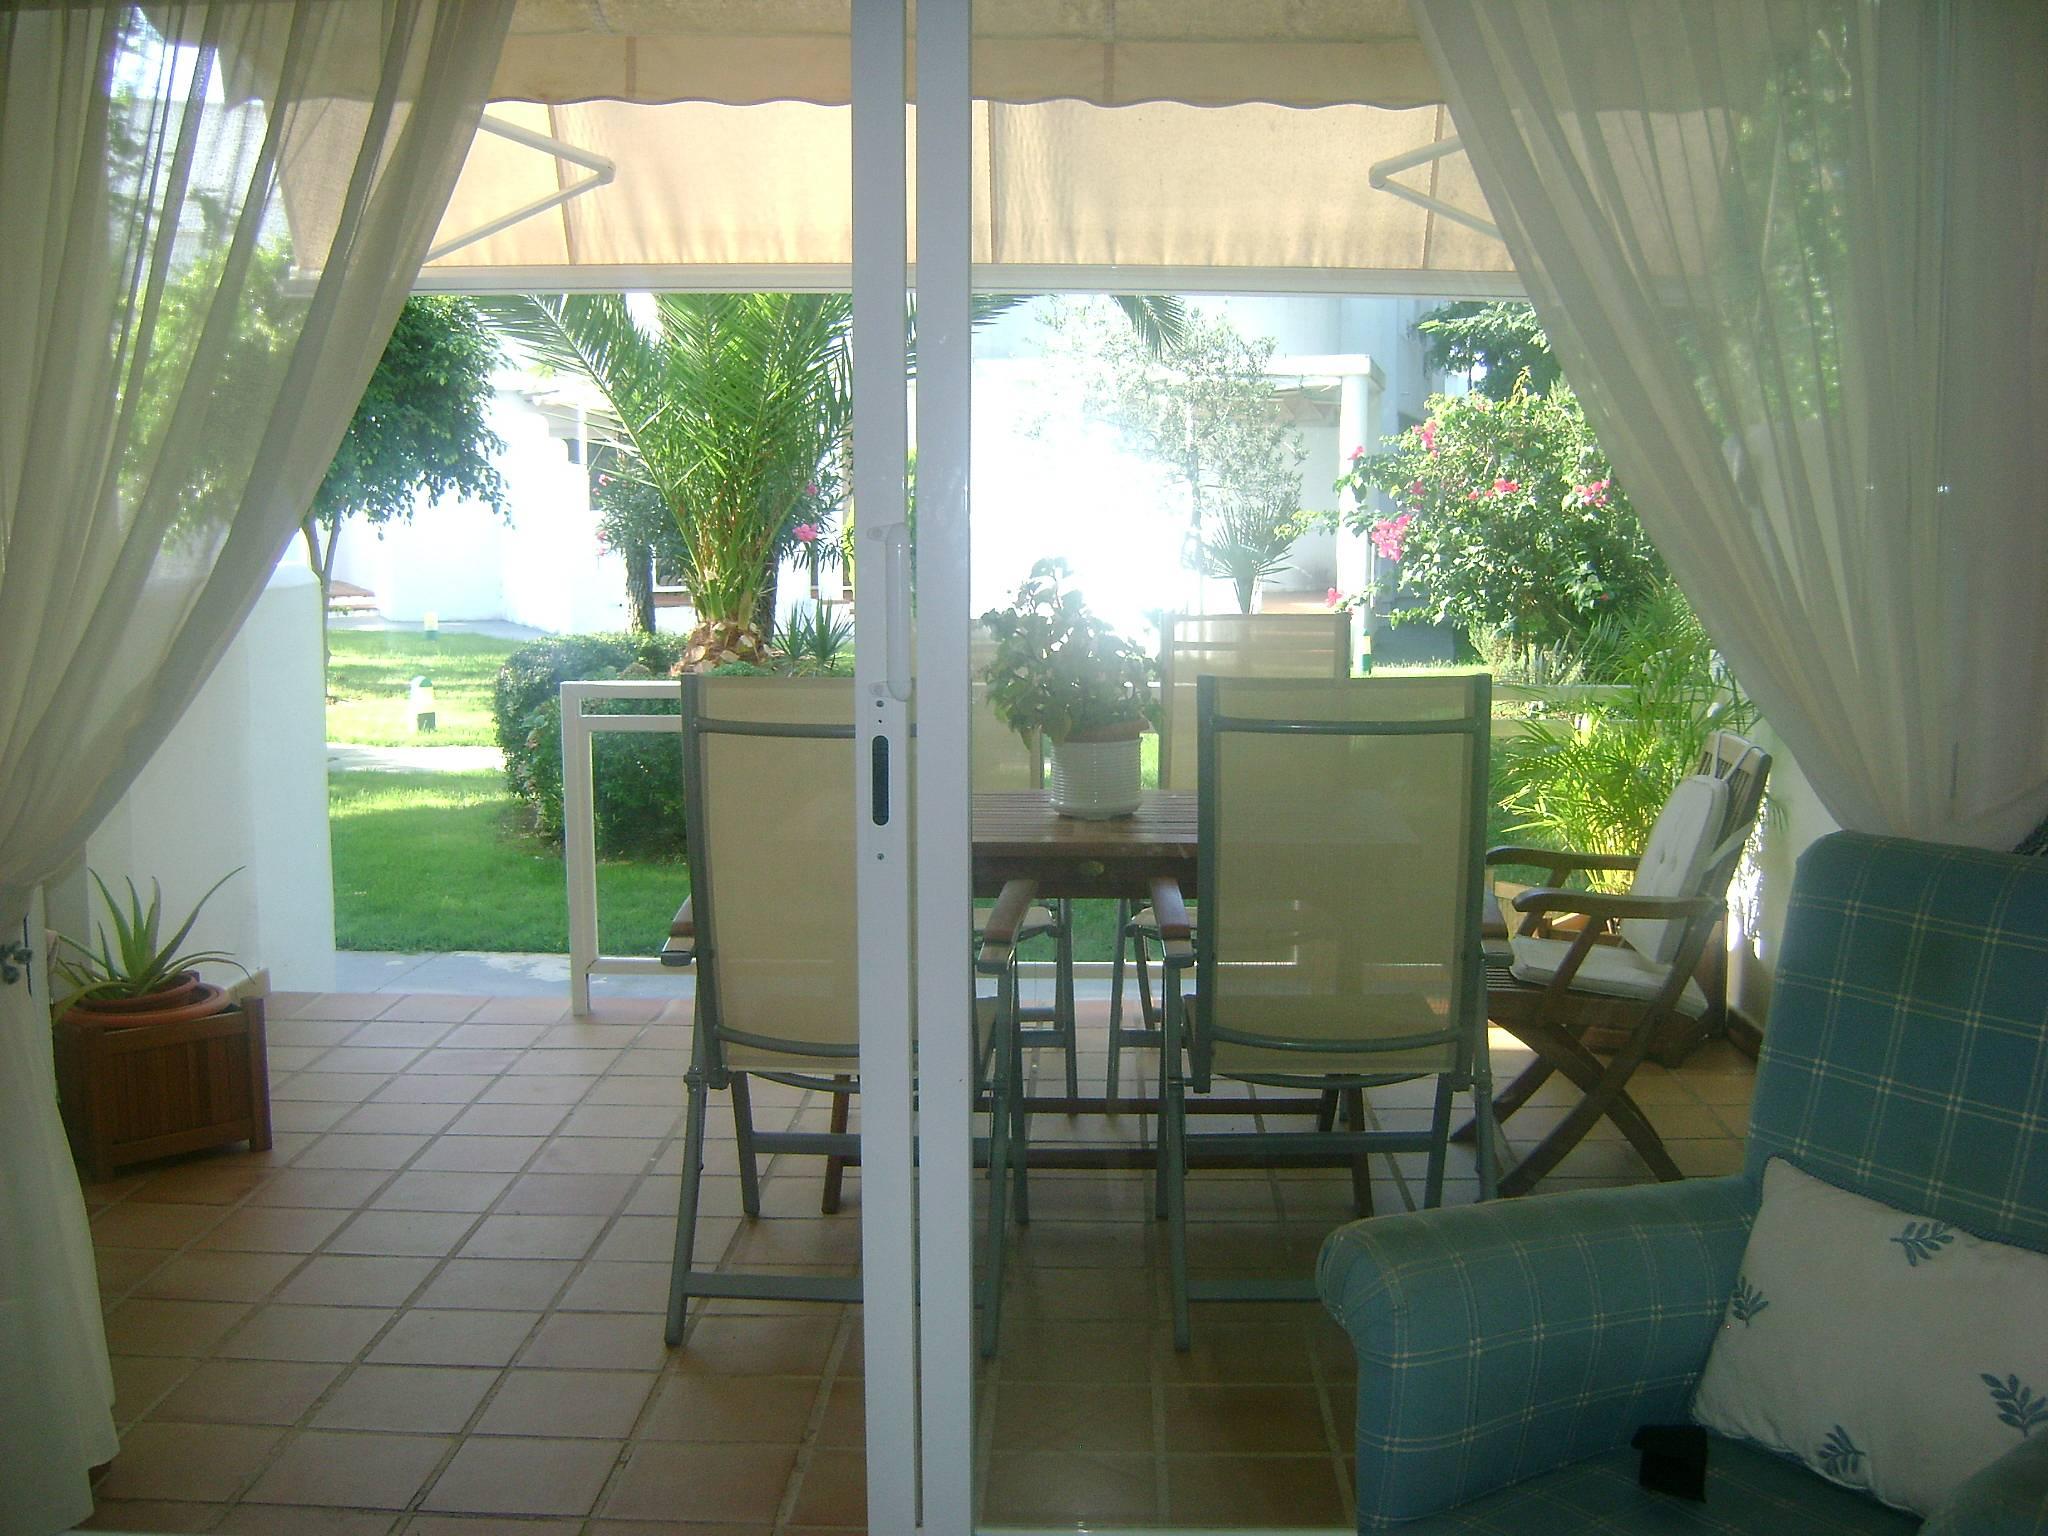 Casa in affitto a 700 m dalla spiaggia islantilla i - Rentalia islantilla ...